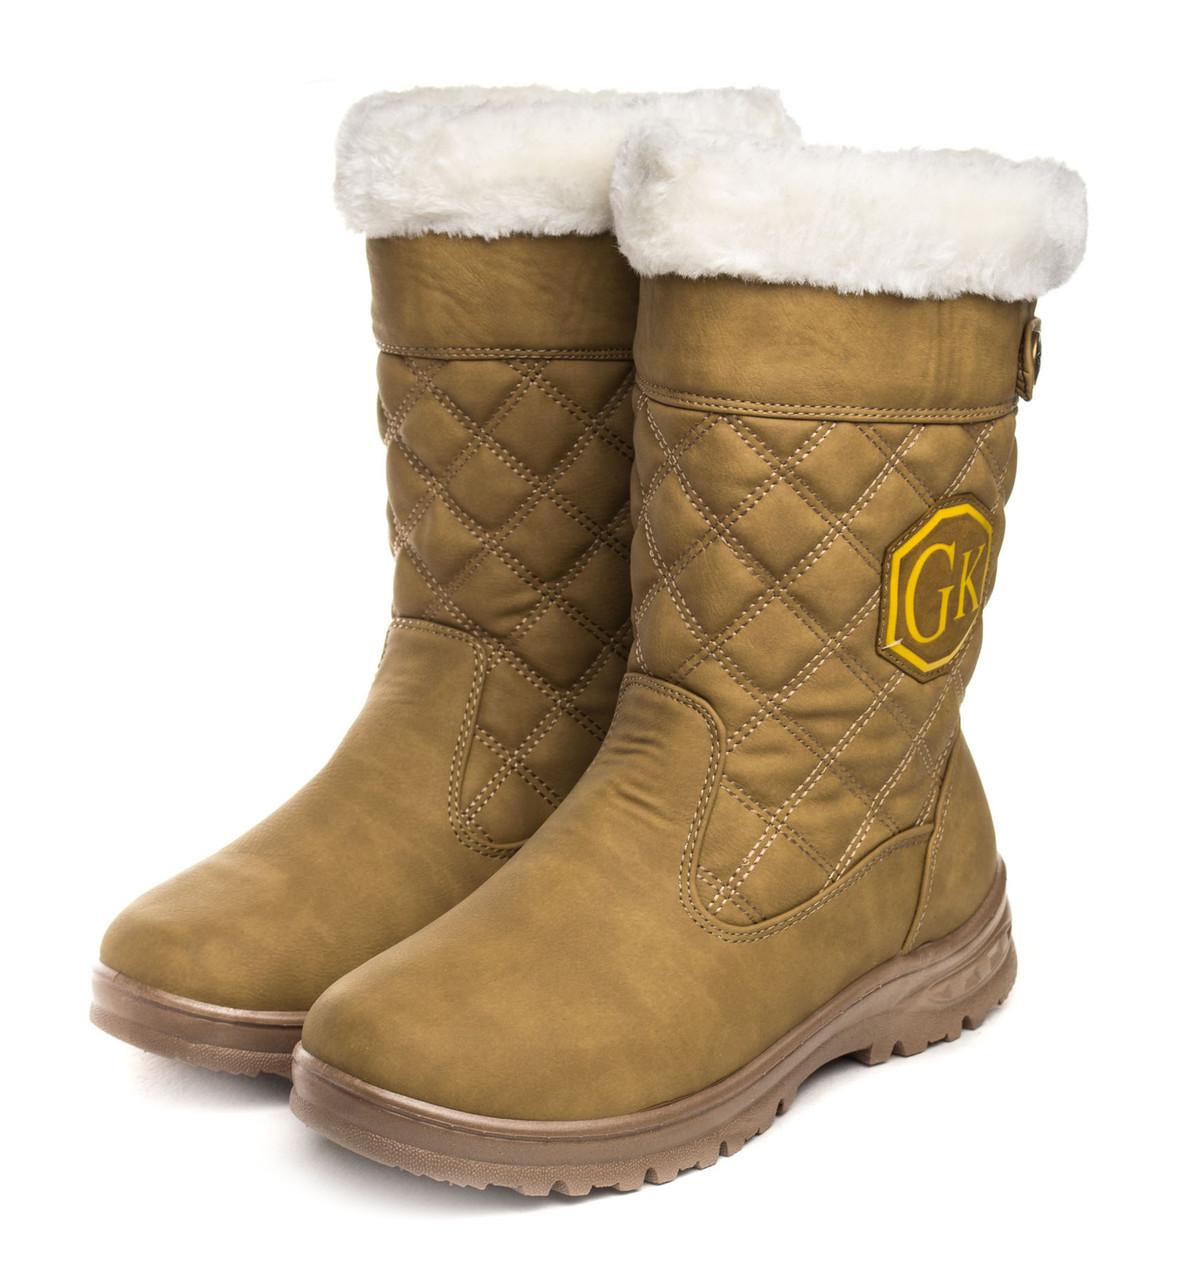 Жіночі чоботи GK Boots 37 Yellow